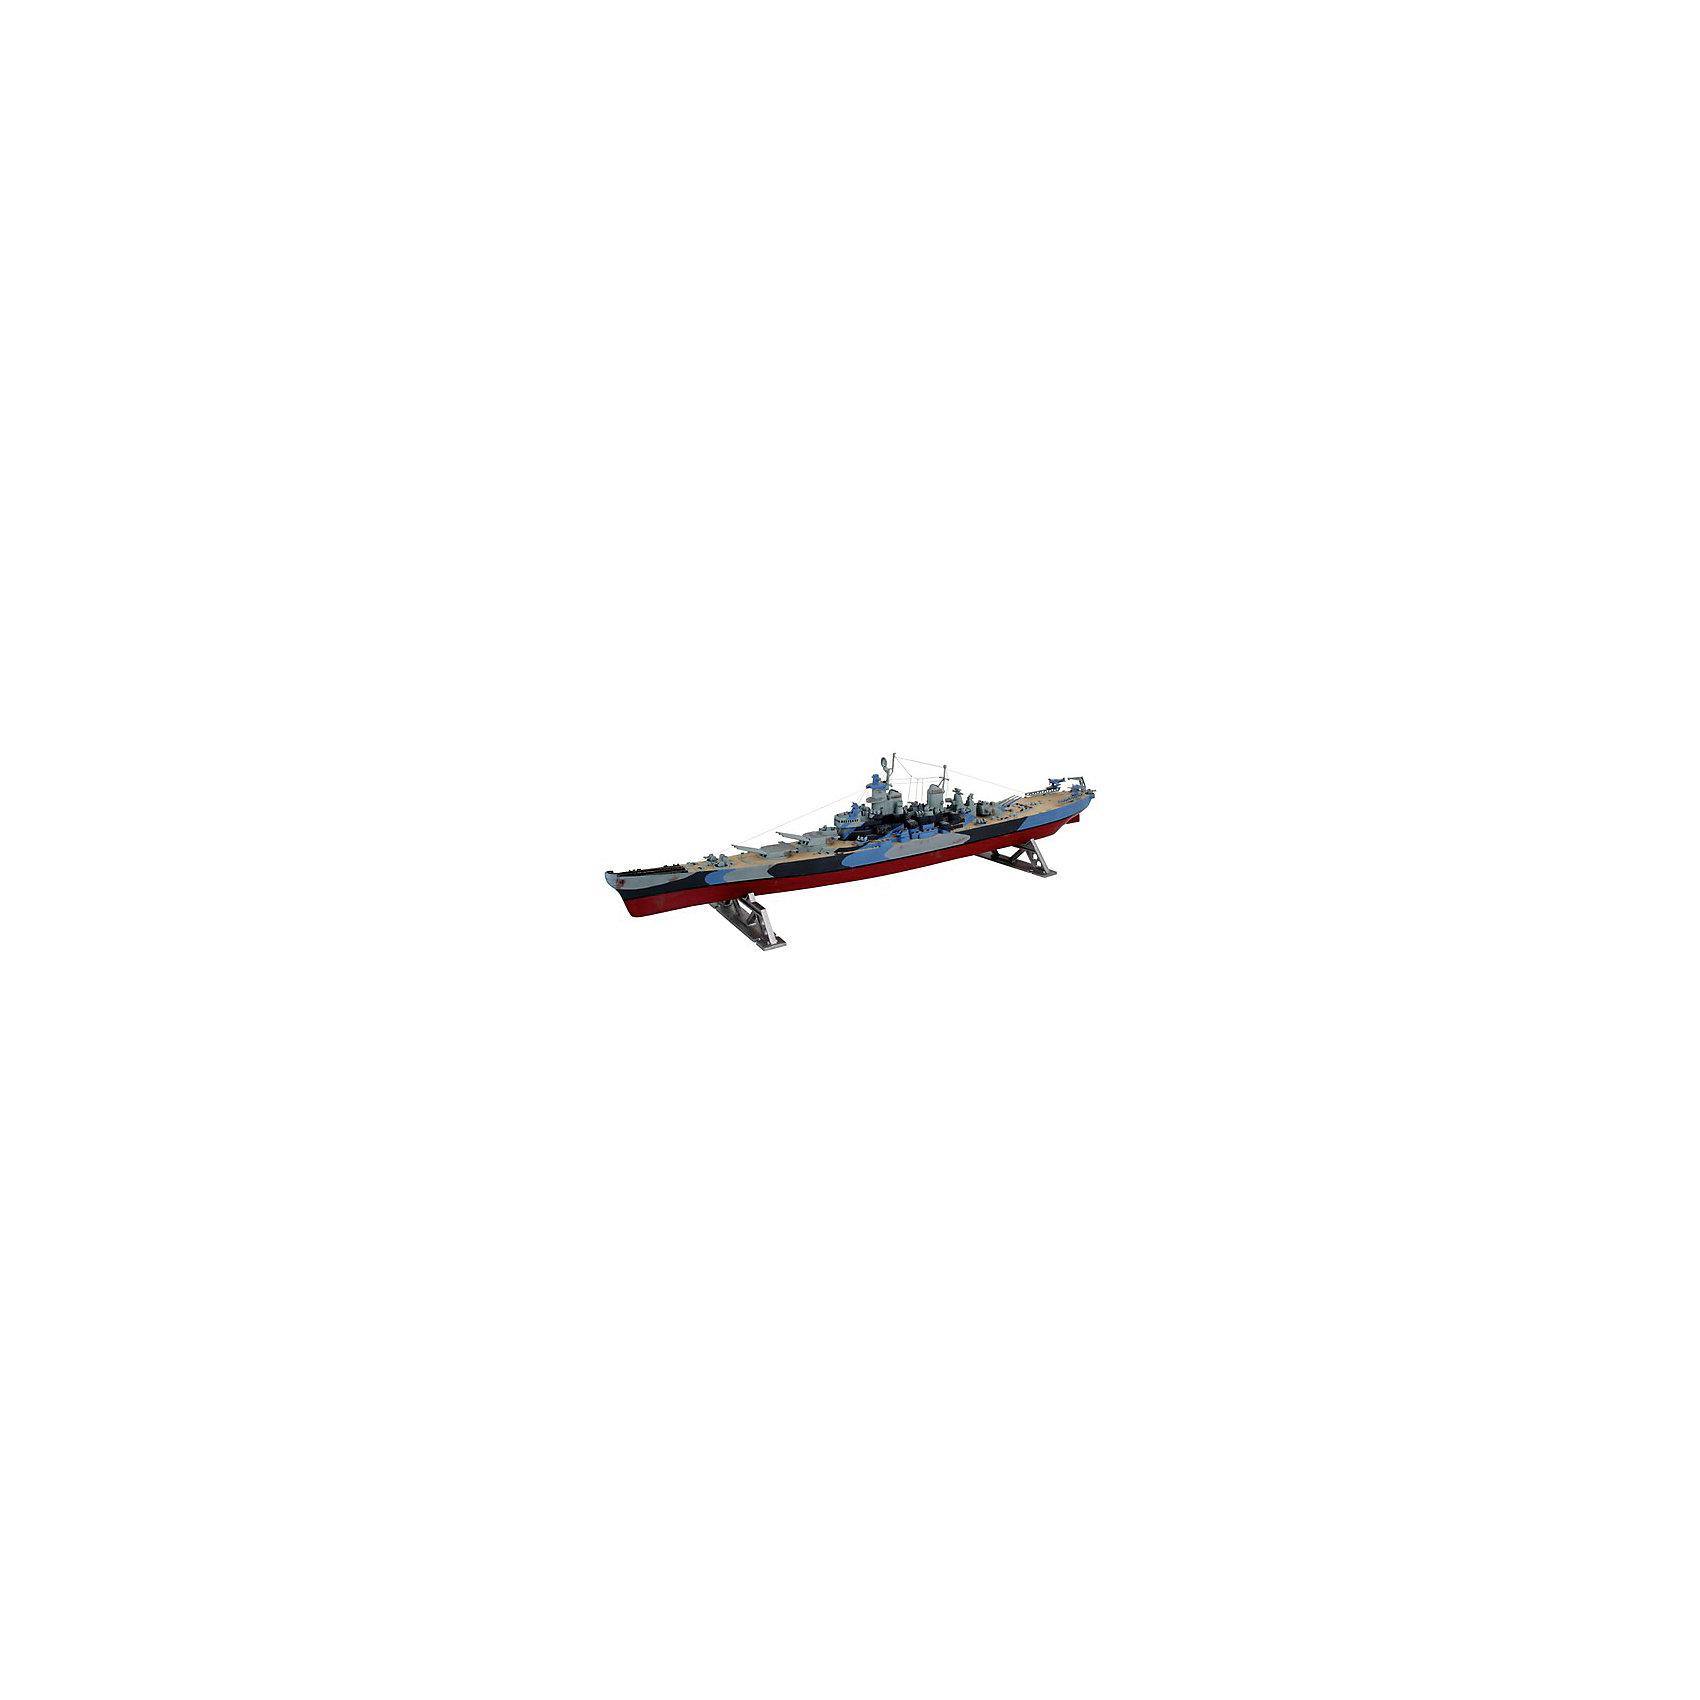 """Военный корабль USS Missouri (1/535)Модели для склеивания<br>Модель американского линкора """"Миссури"""". Корабль является одним из крупнейших и самых мощных кораблей в ВМС США. Линкор был спущен на воду в 1944 году Вошел в историю после подписания на его борту капитуляции Японии. Миссури является последним из четырех линкоров класса Айва. Сейчас судно находится на вечной стоянке в гавани Пёрл-Харбора в качестве корабля-музея <br>Масштаб: 1:535 <br>Количество деталей: 75 <br>Длина модели: 502 мм <br>Подойдет для детей старше 10-и лет <br>Клей, краски и кисточки продаются отдельно<br><br>Ширина мм: 135<br>Глубина мм: 56<br>Высота мм: 518<br>Вес г: 322<br>Возраст от месяцев: 72<br>Возраст до месяцев: 1164<br>Пол: Мужской<br>Возраст: Детский<br>SKU: 1696204"""